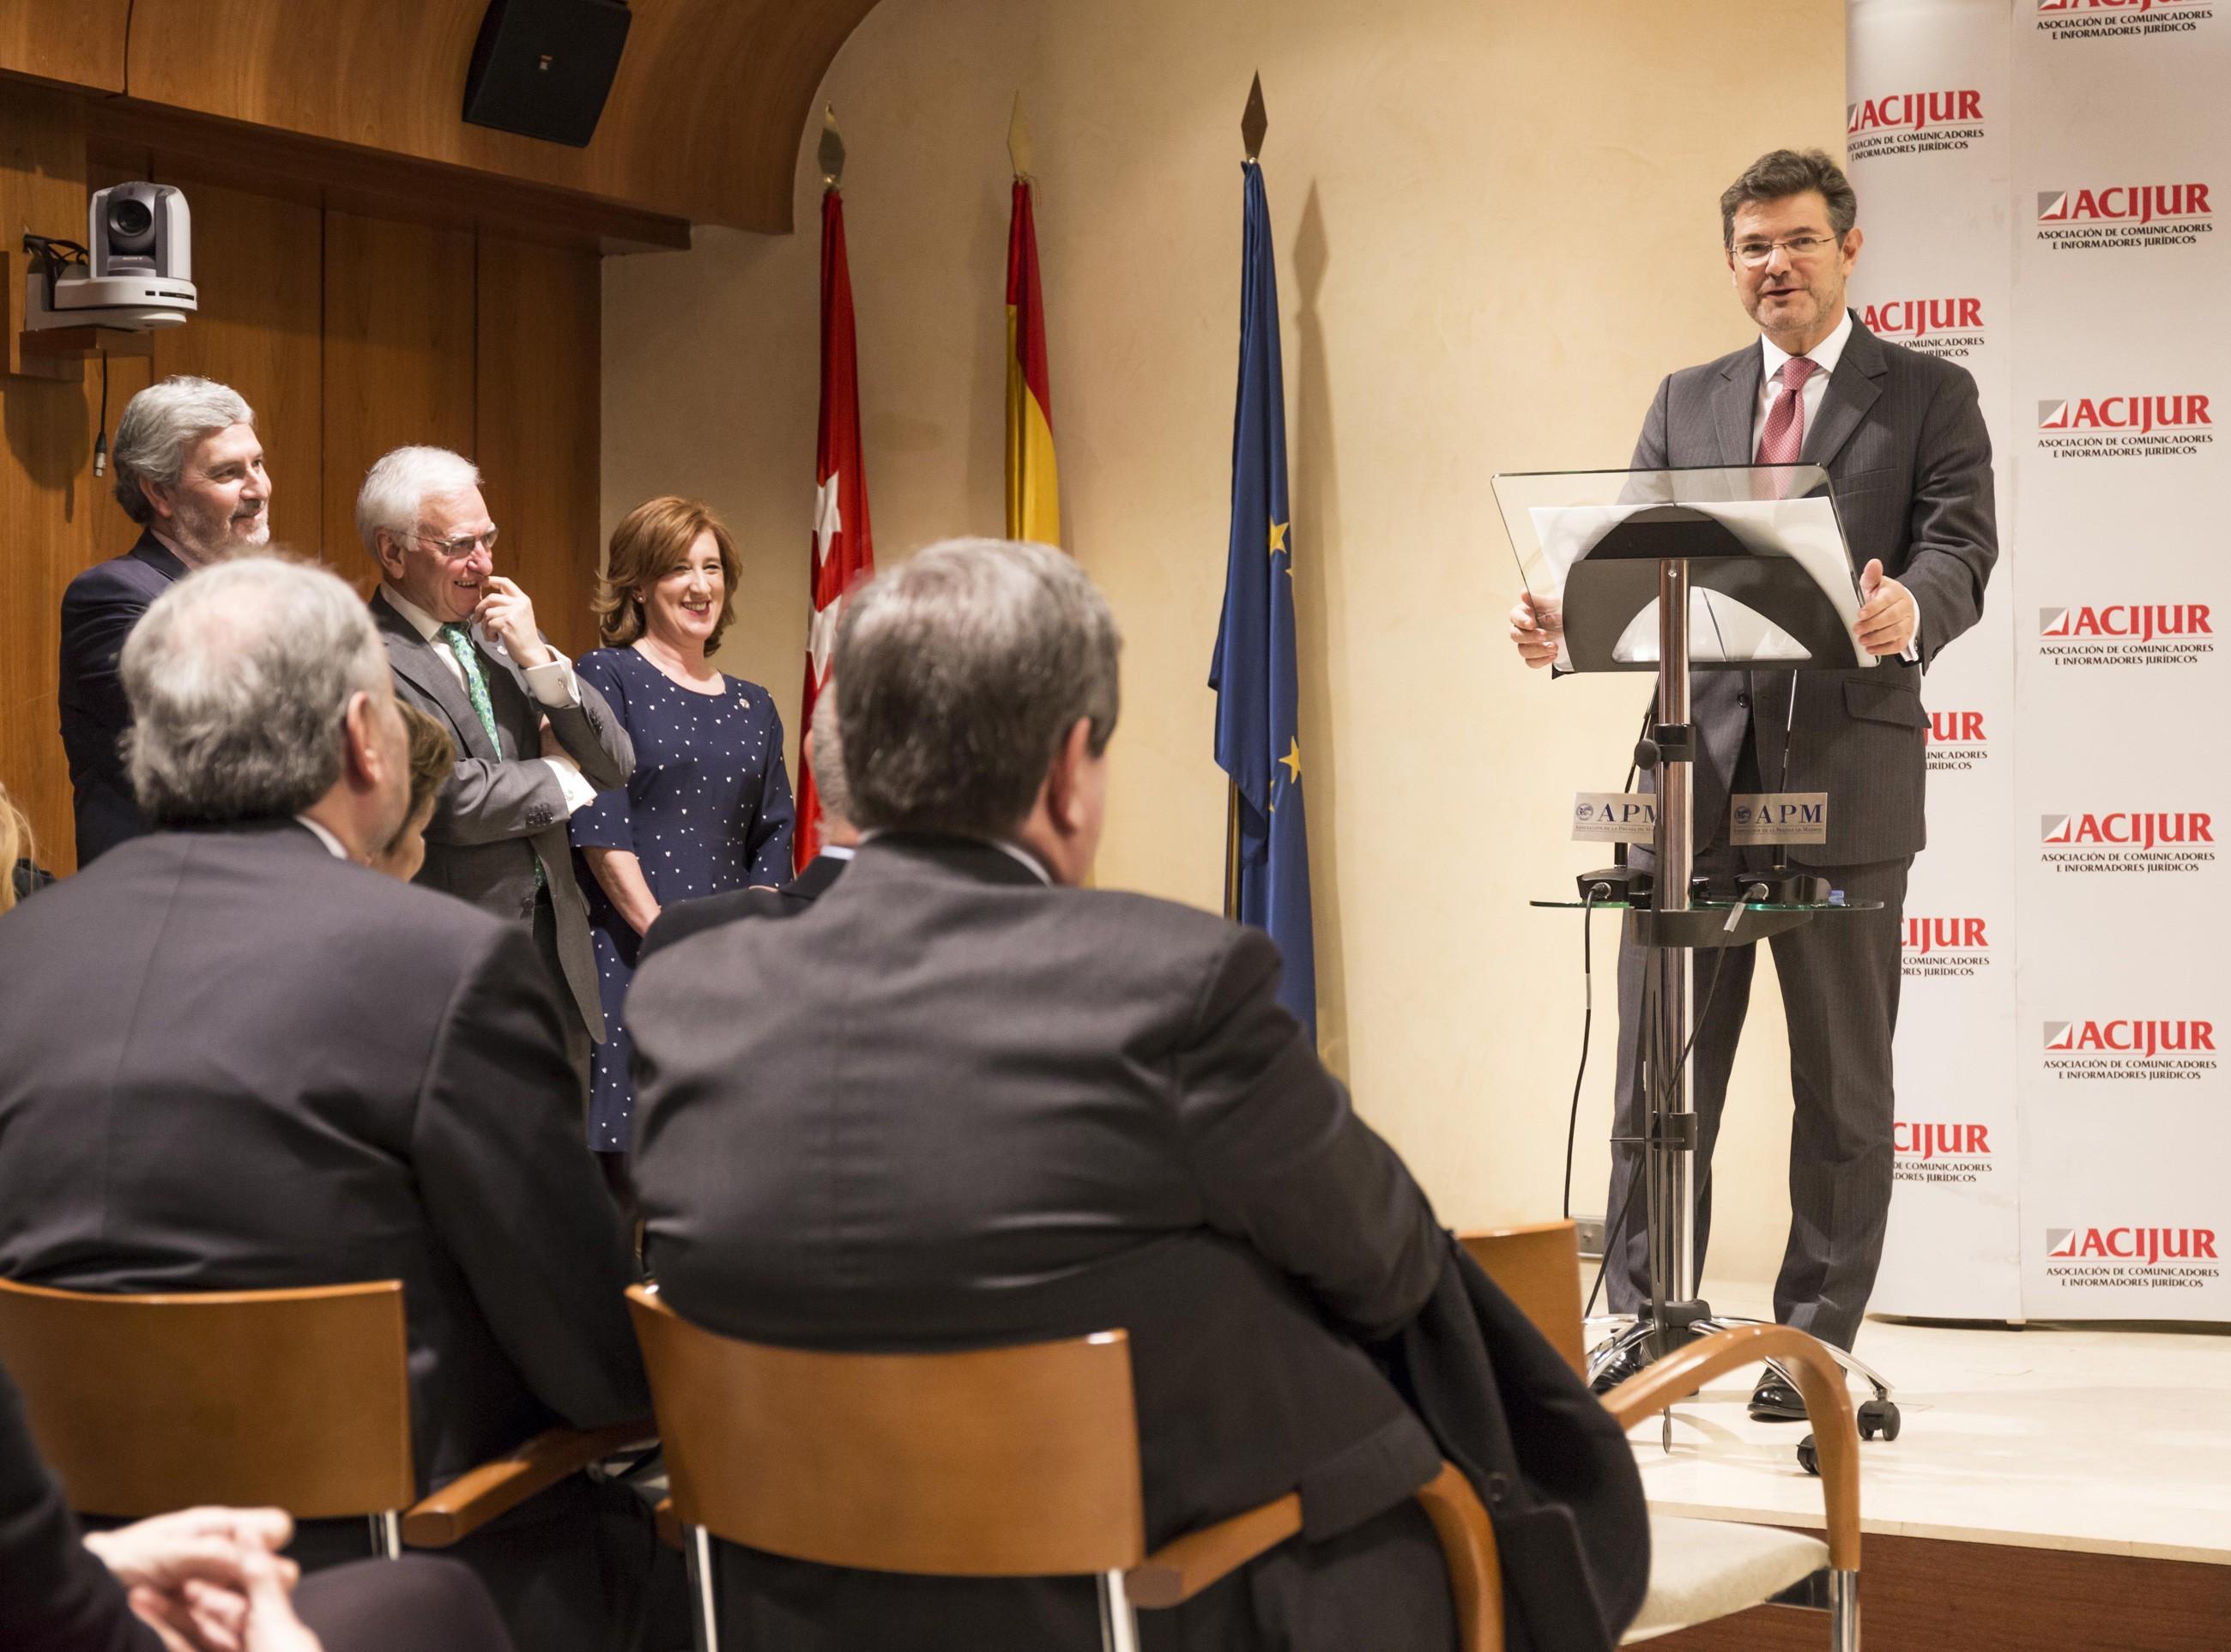 El ministro de Justicia, Rafael Catalá, estará presente de nuevo este año en los Premios Puñetas de ACIJUR